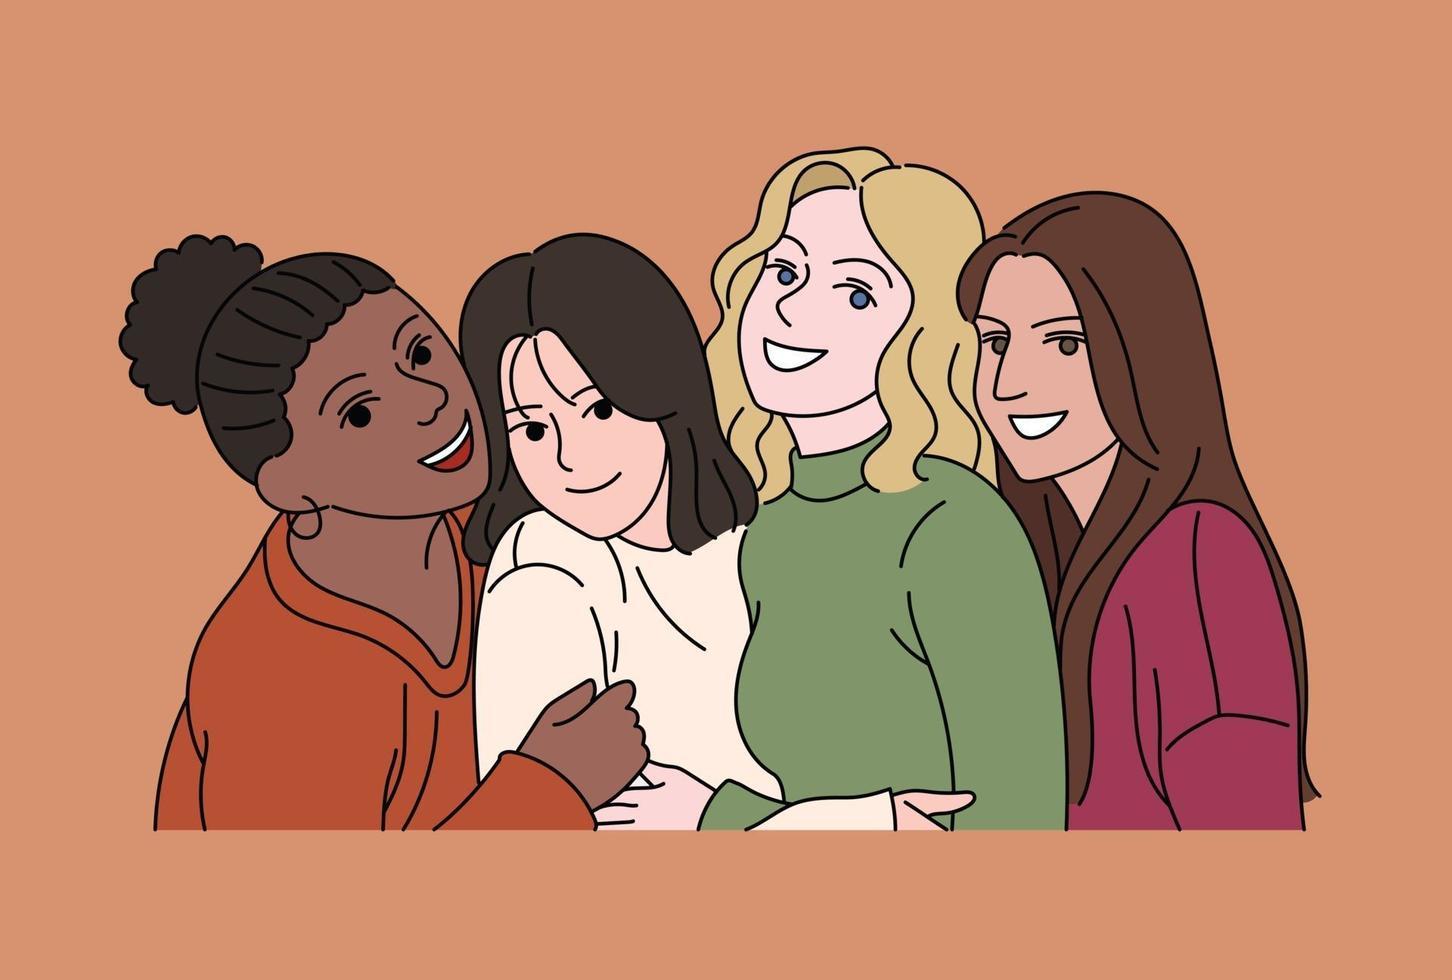 amigos estão olhando para a frente com expressões alegres. mão desenhada estilo ilustrações vetoriais. vetor